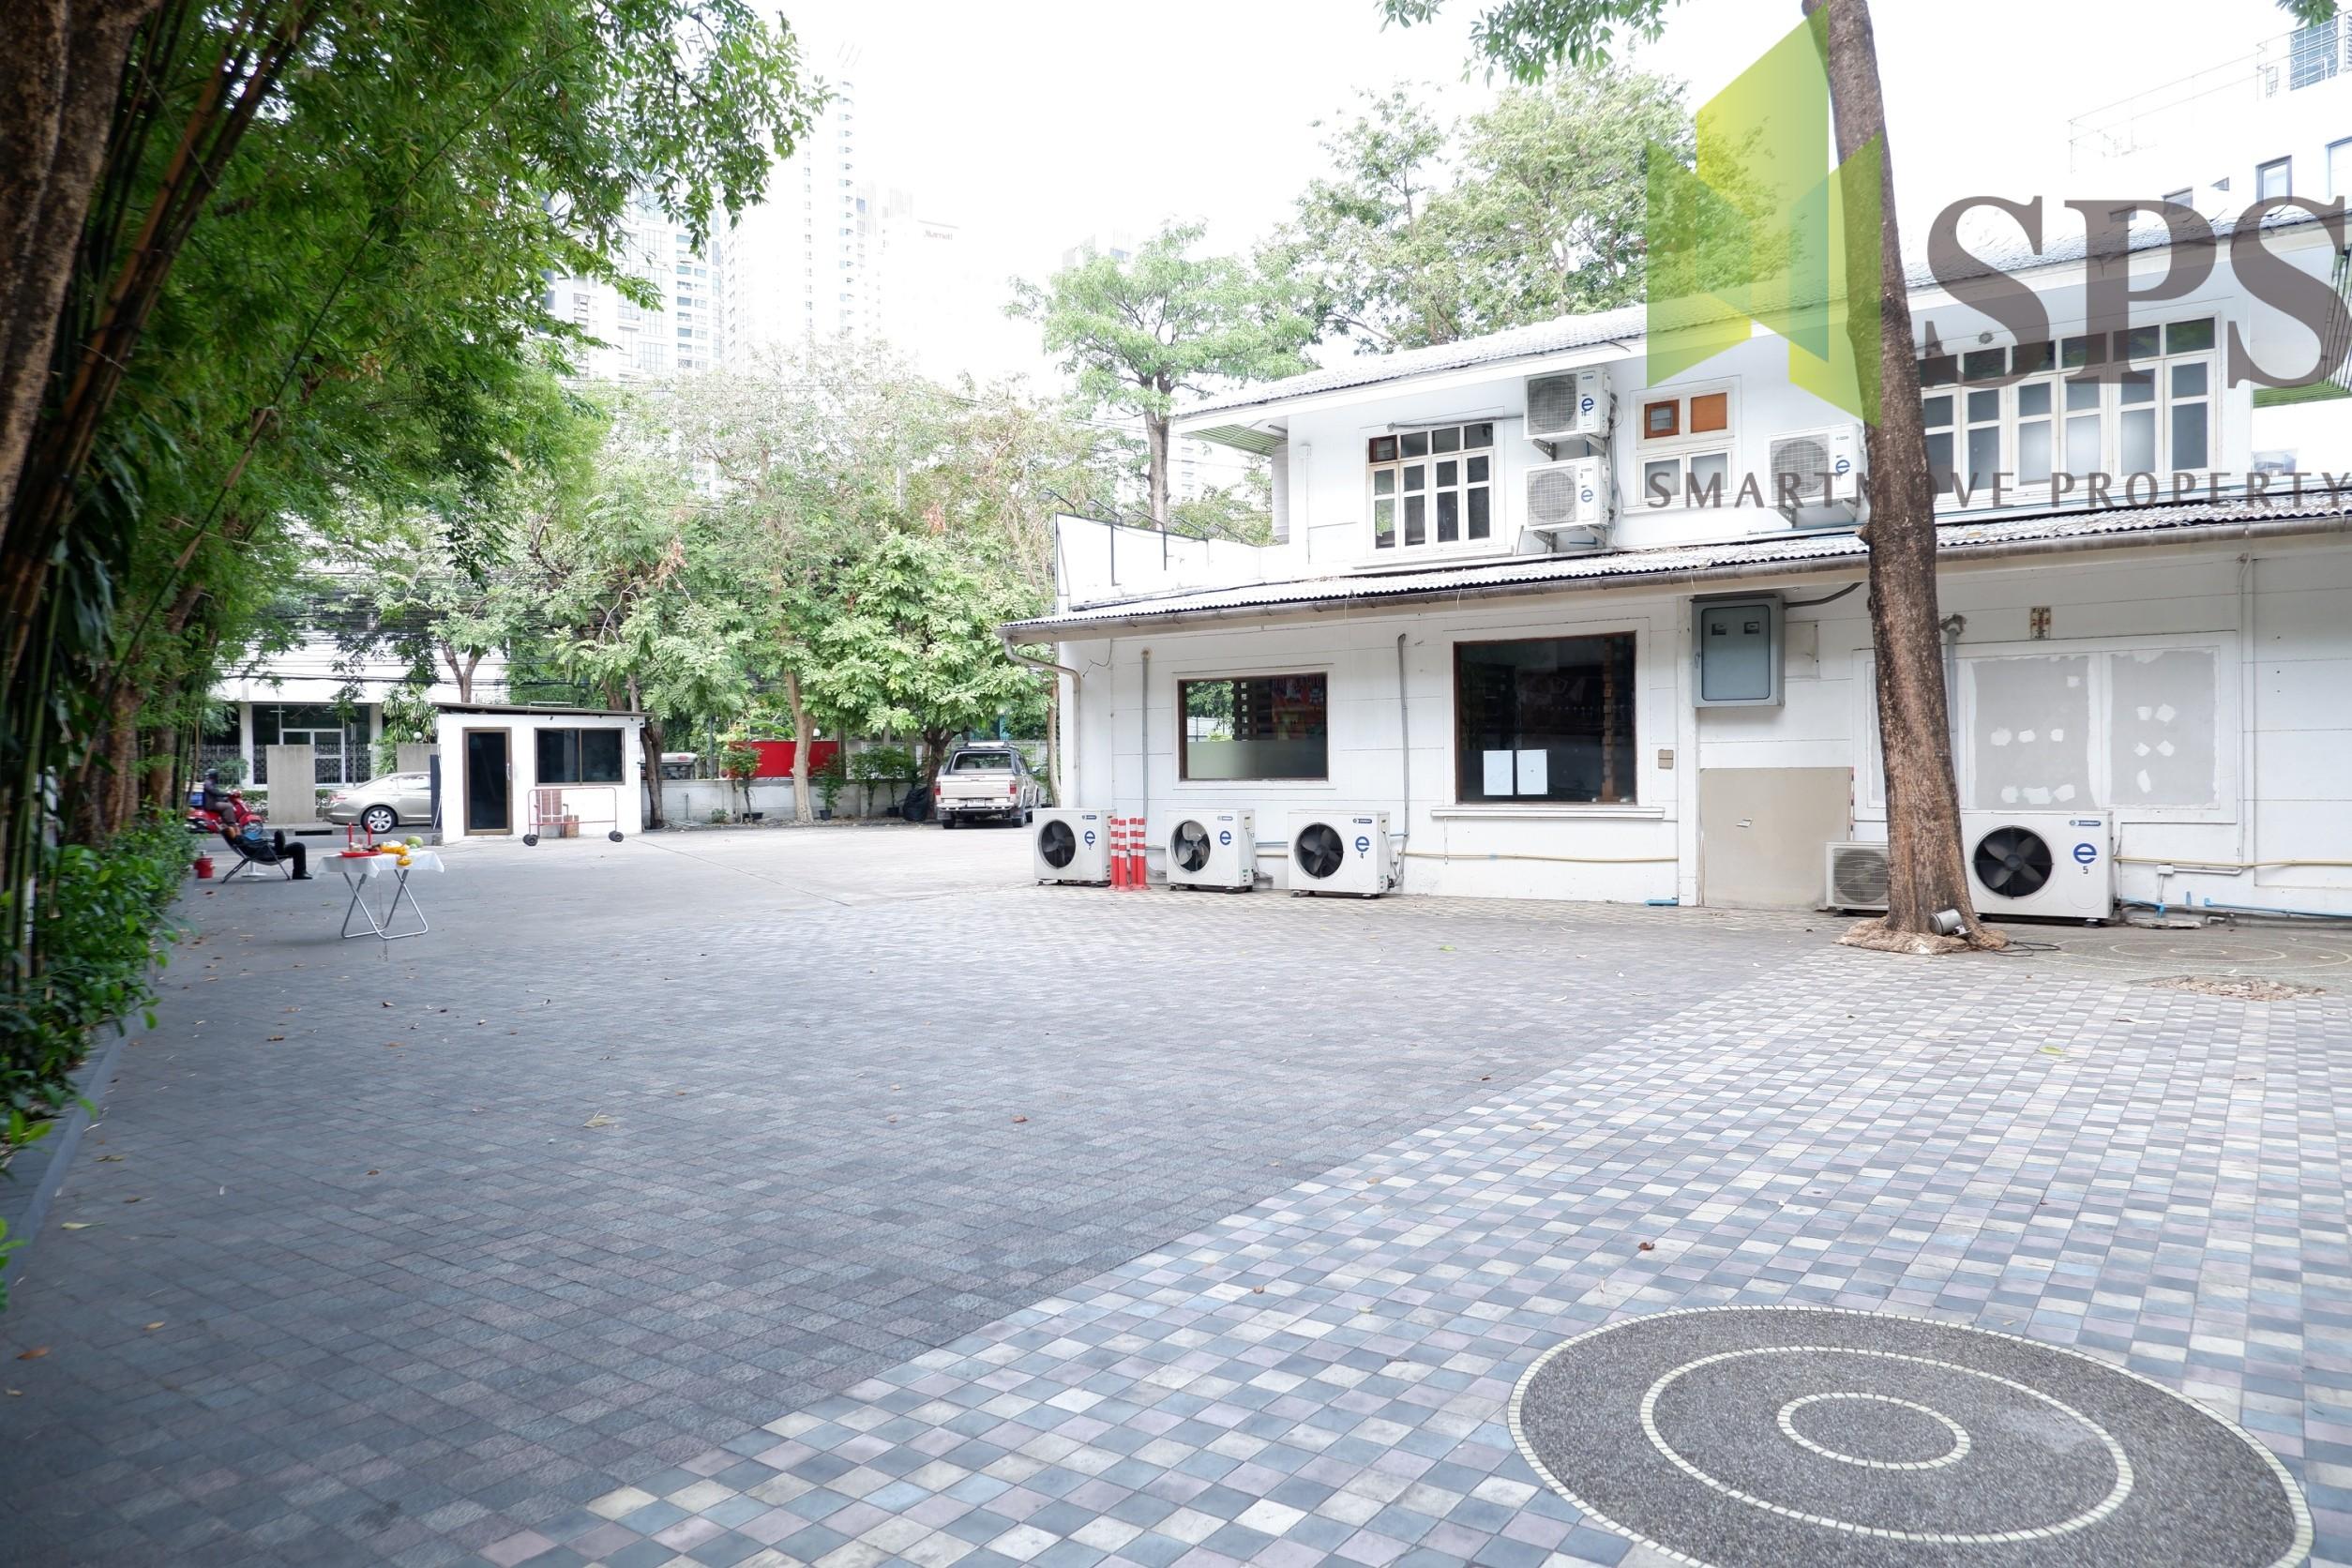 Korea Restaurant Sukhumvit 26 (SPS-GO249)Leasehold-เซ้ง